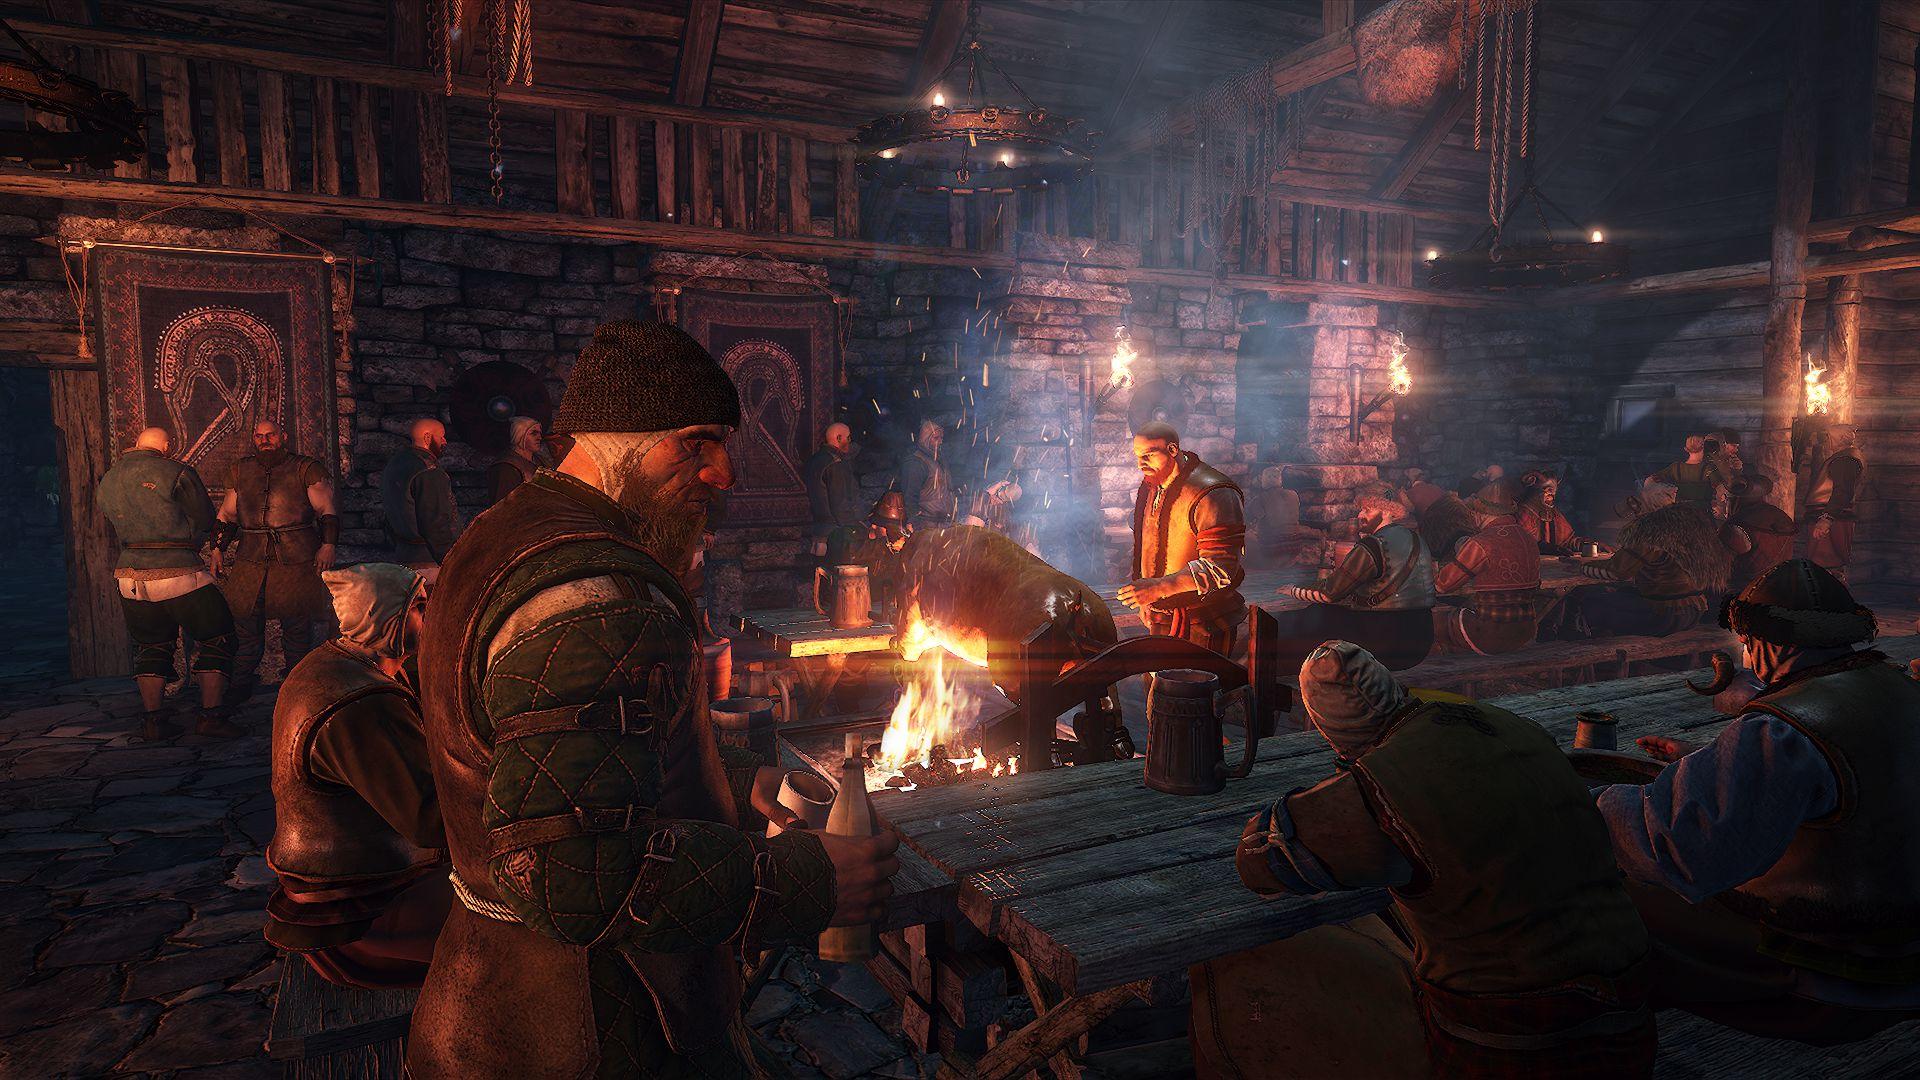 the_witcher_3_wild_hunt_tavern_interior_1402422287